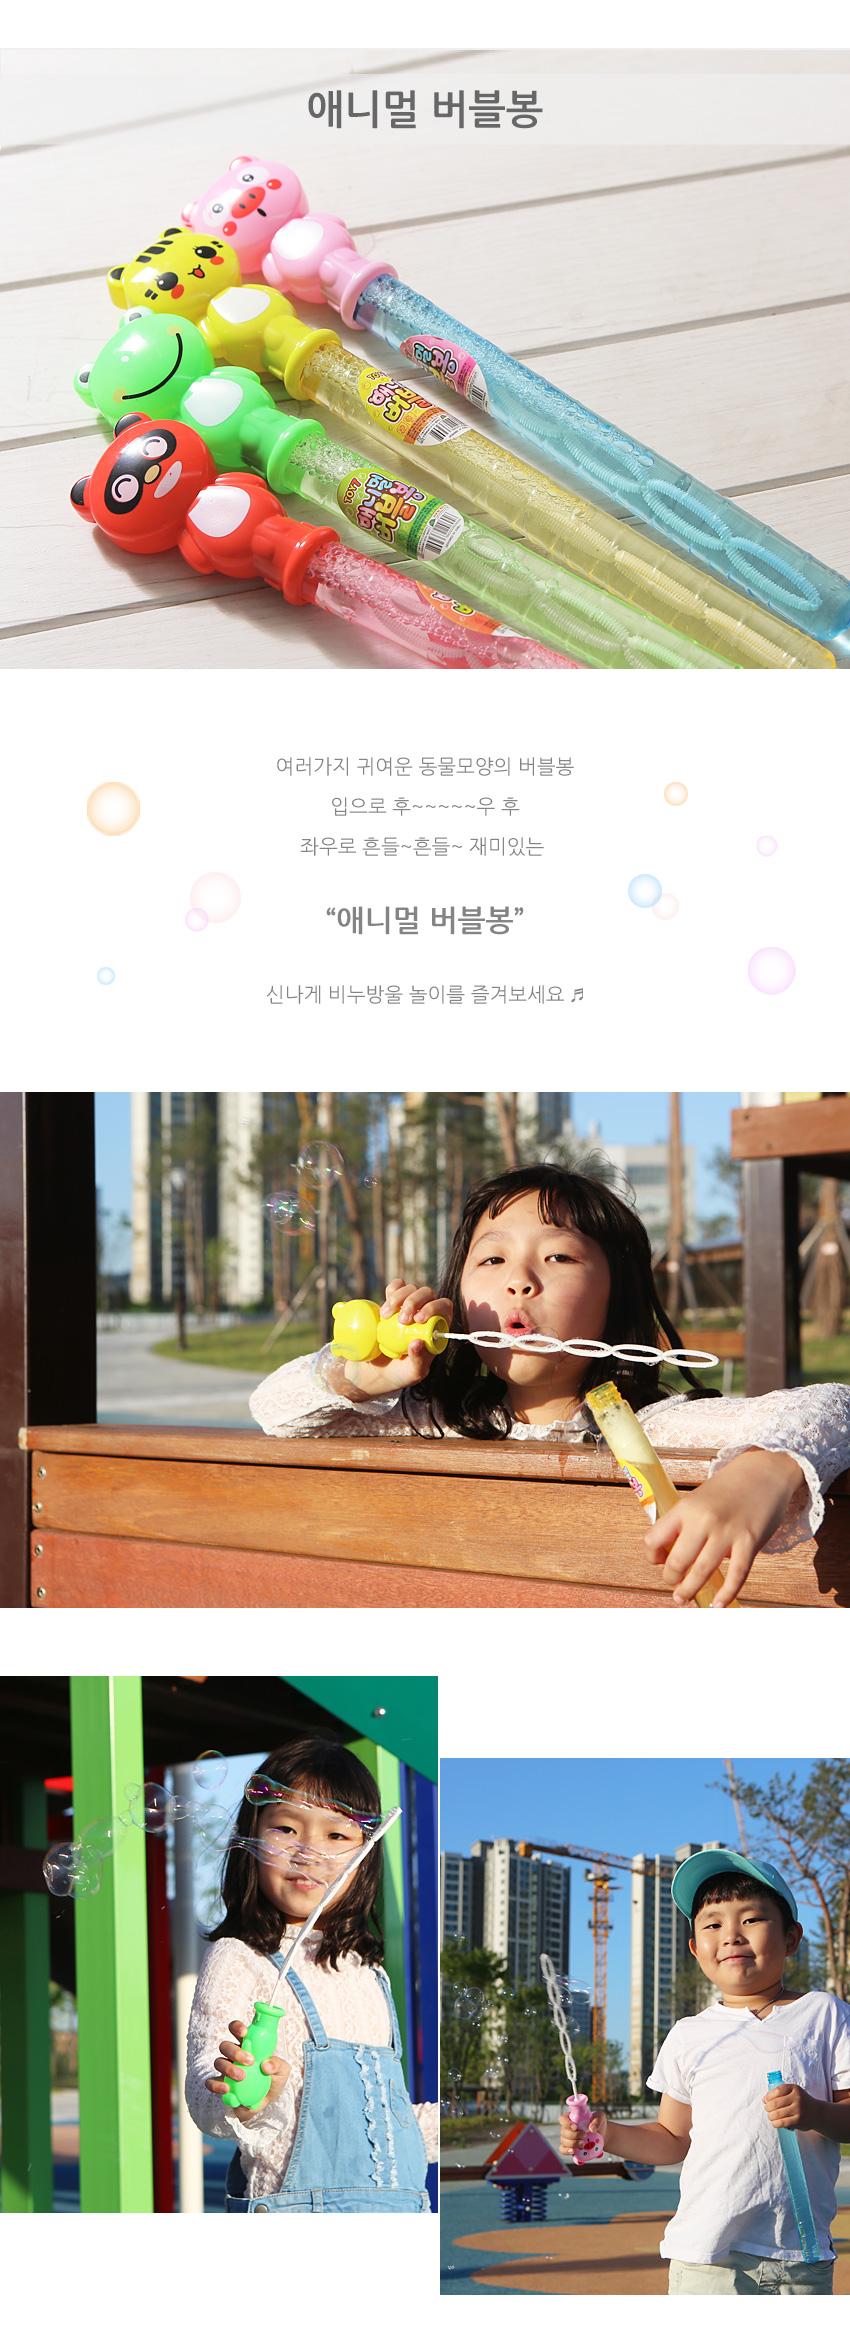 애니멀버블봉(4개입) 비눗방울 비누방울 비누방울놀이 - 알사탕닷컴, 5,700원, 장난감총, 물총